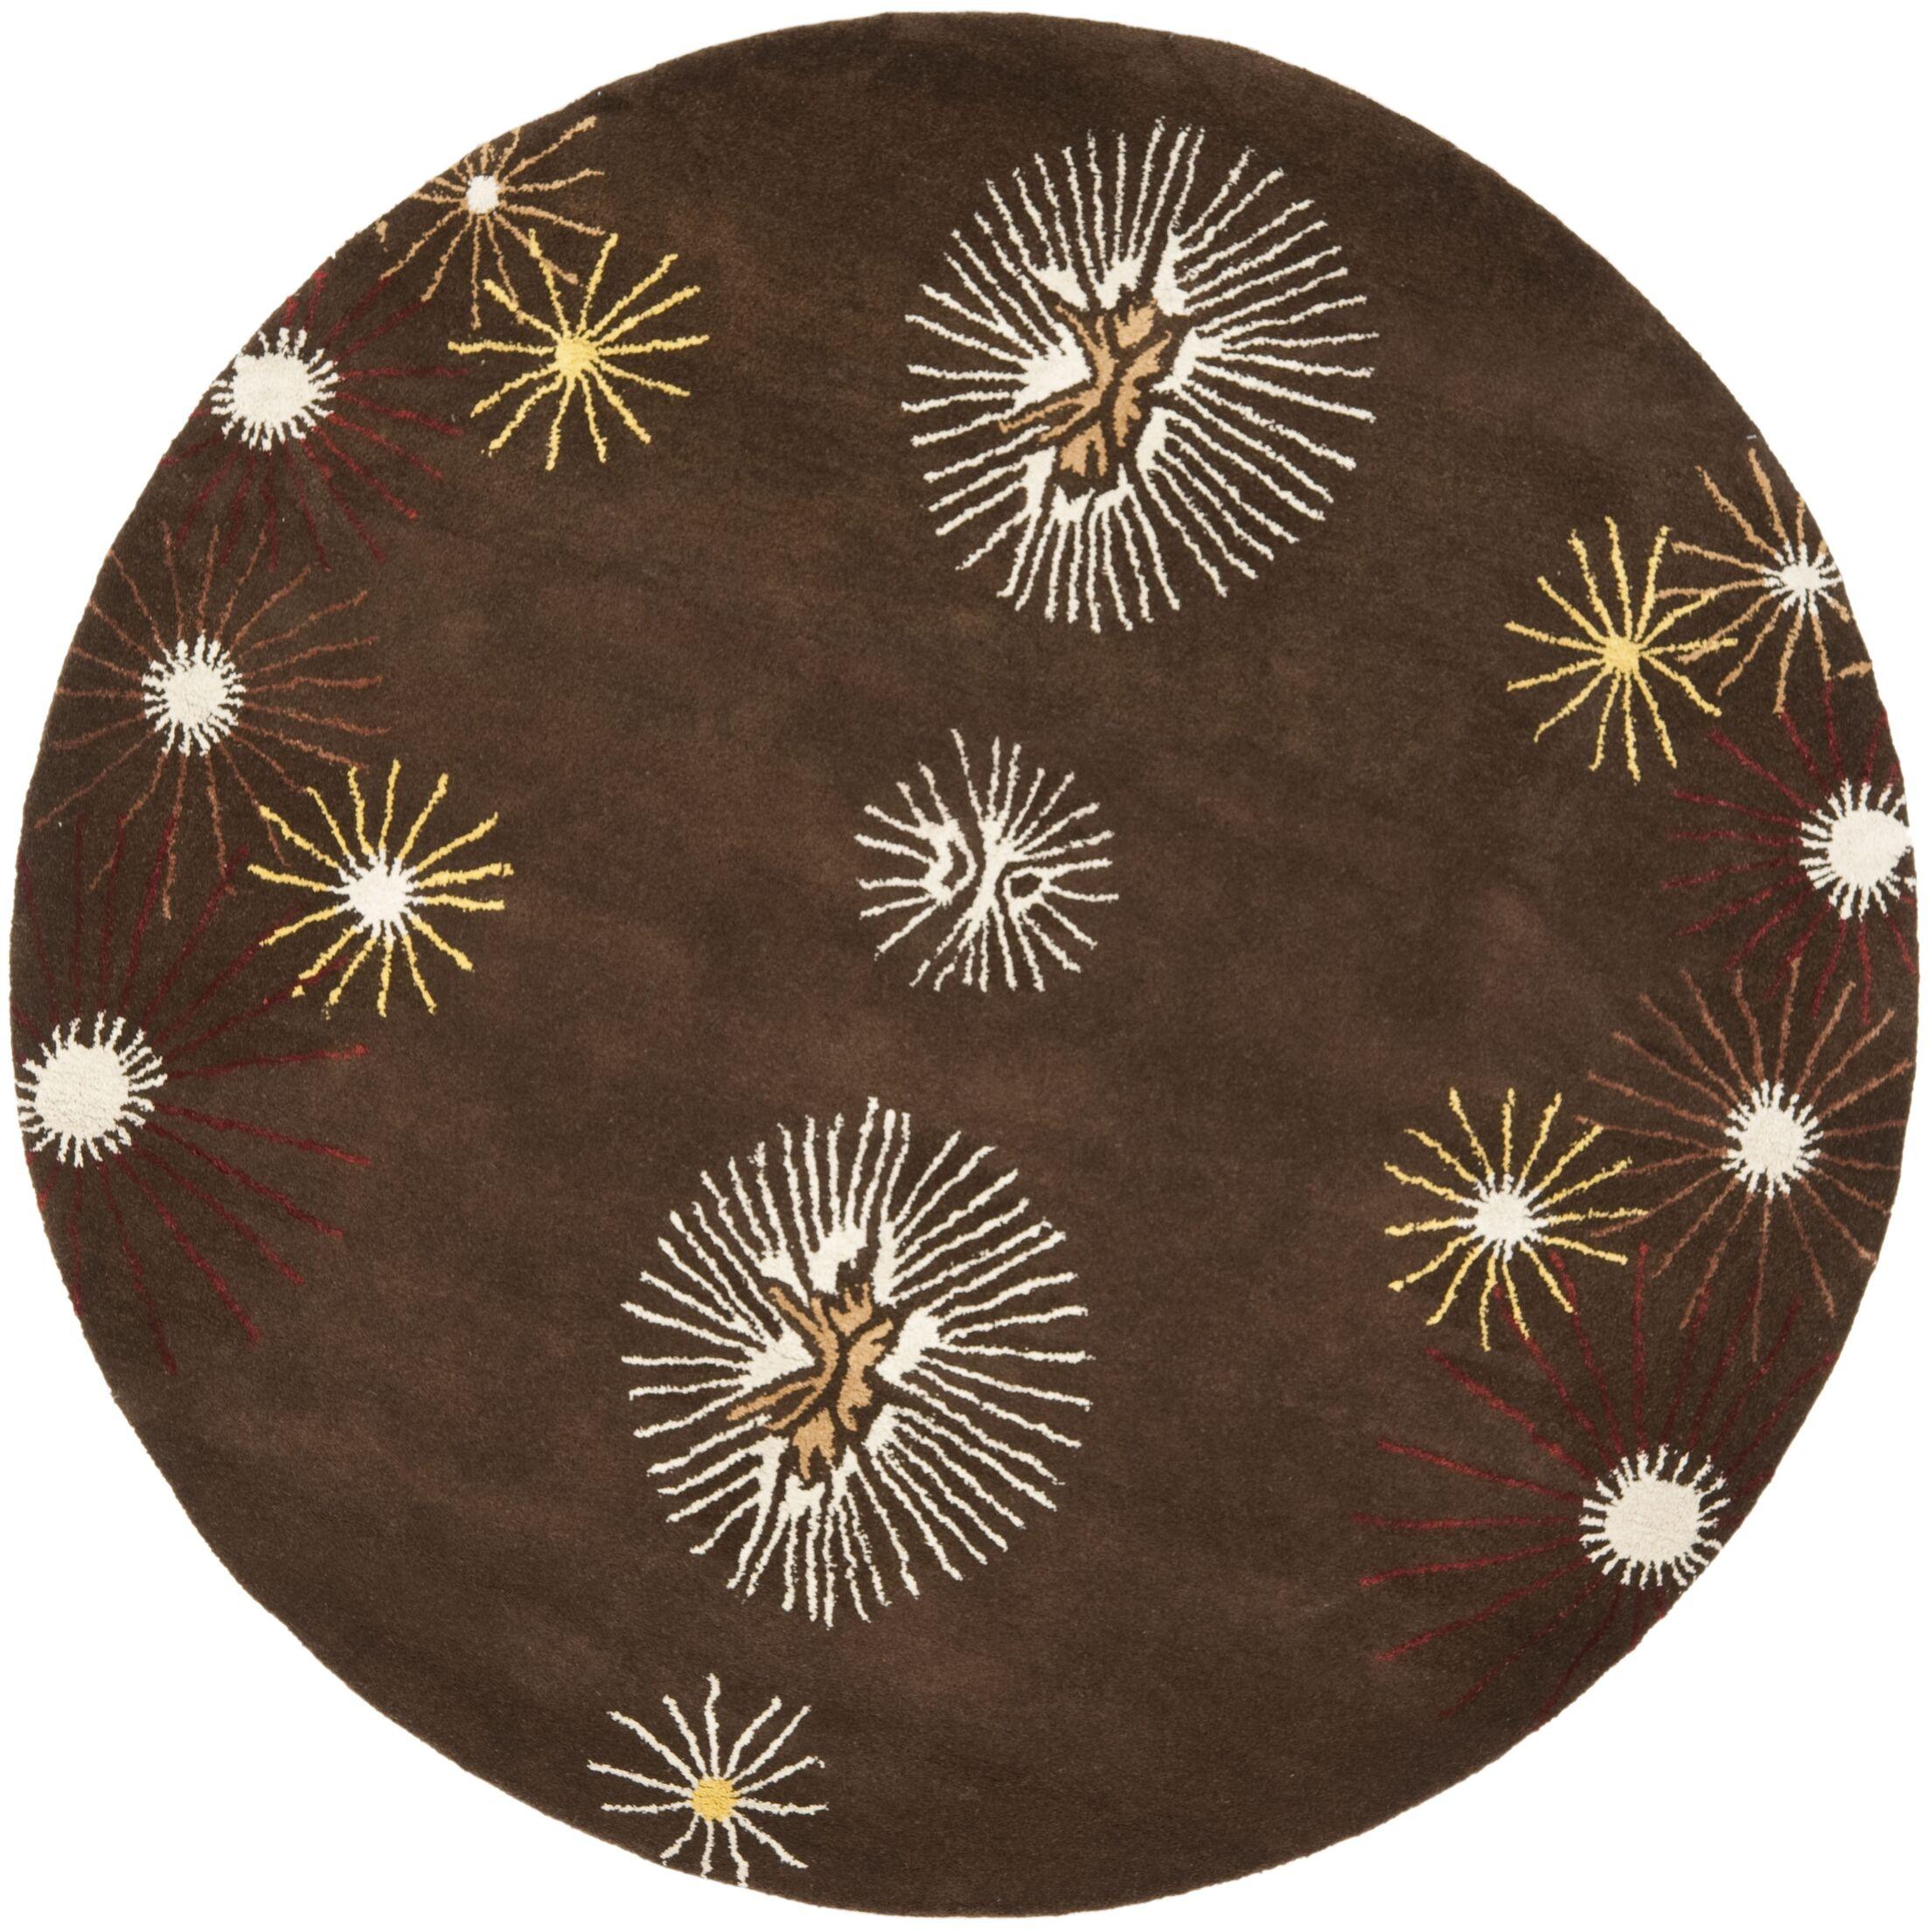 Lockwood Dark Brown/Beige Rug Rug Size: Round 6'